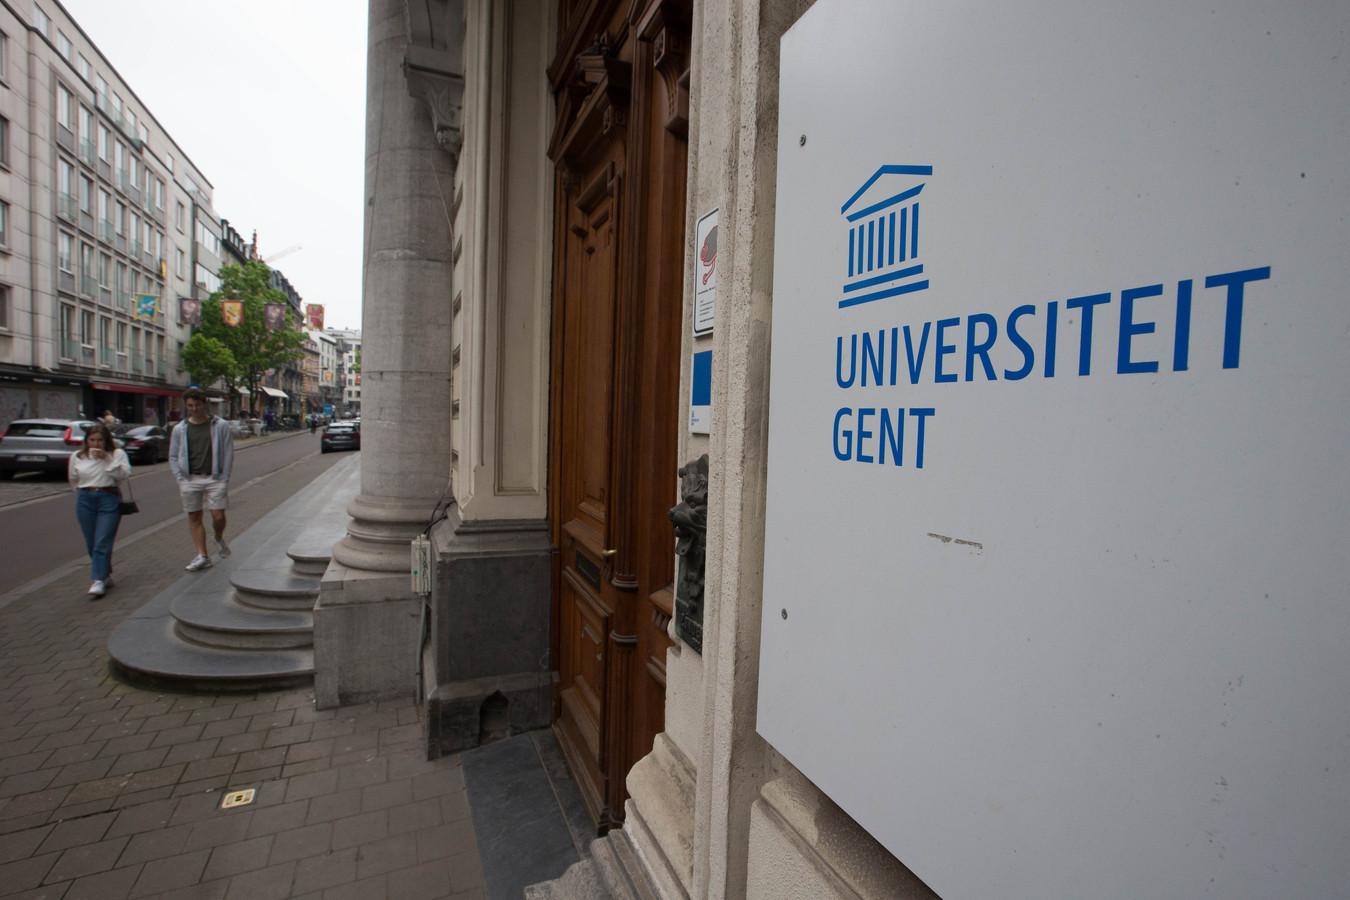 De Universiteit start volgende week in code oranje, zeker voor de eerste vier weken van het academiejaar. BELGA PHOTO NICOLAS MAETERLINCK